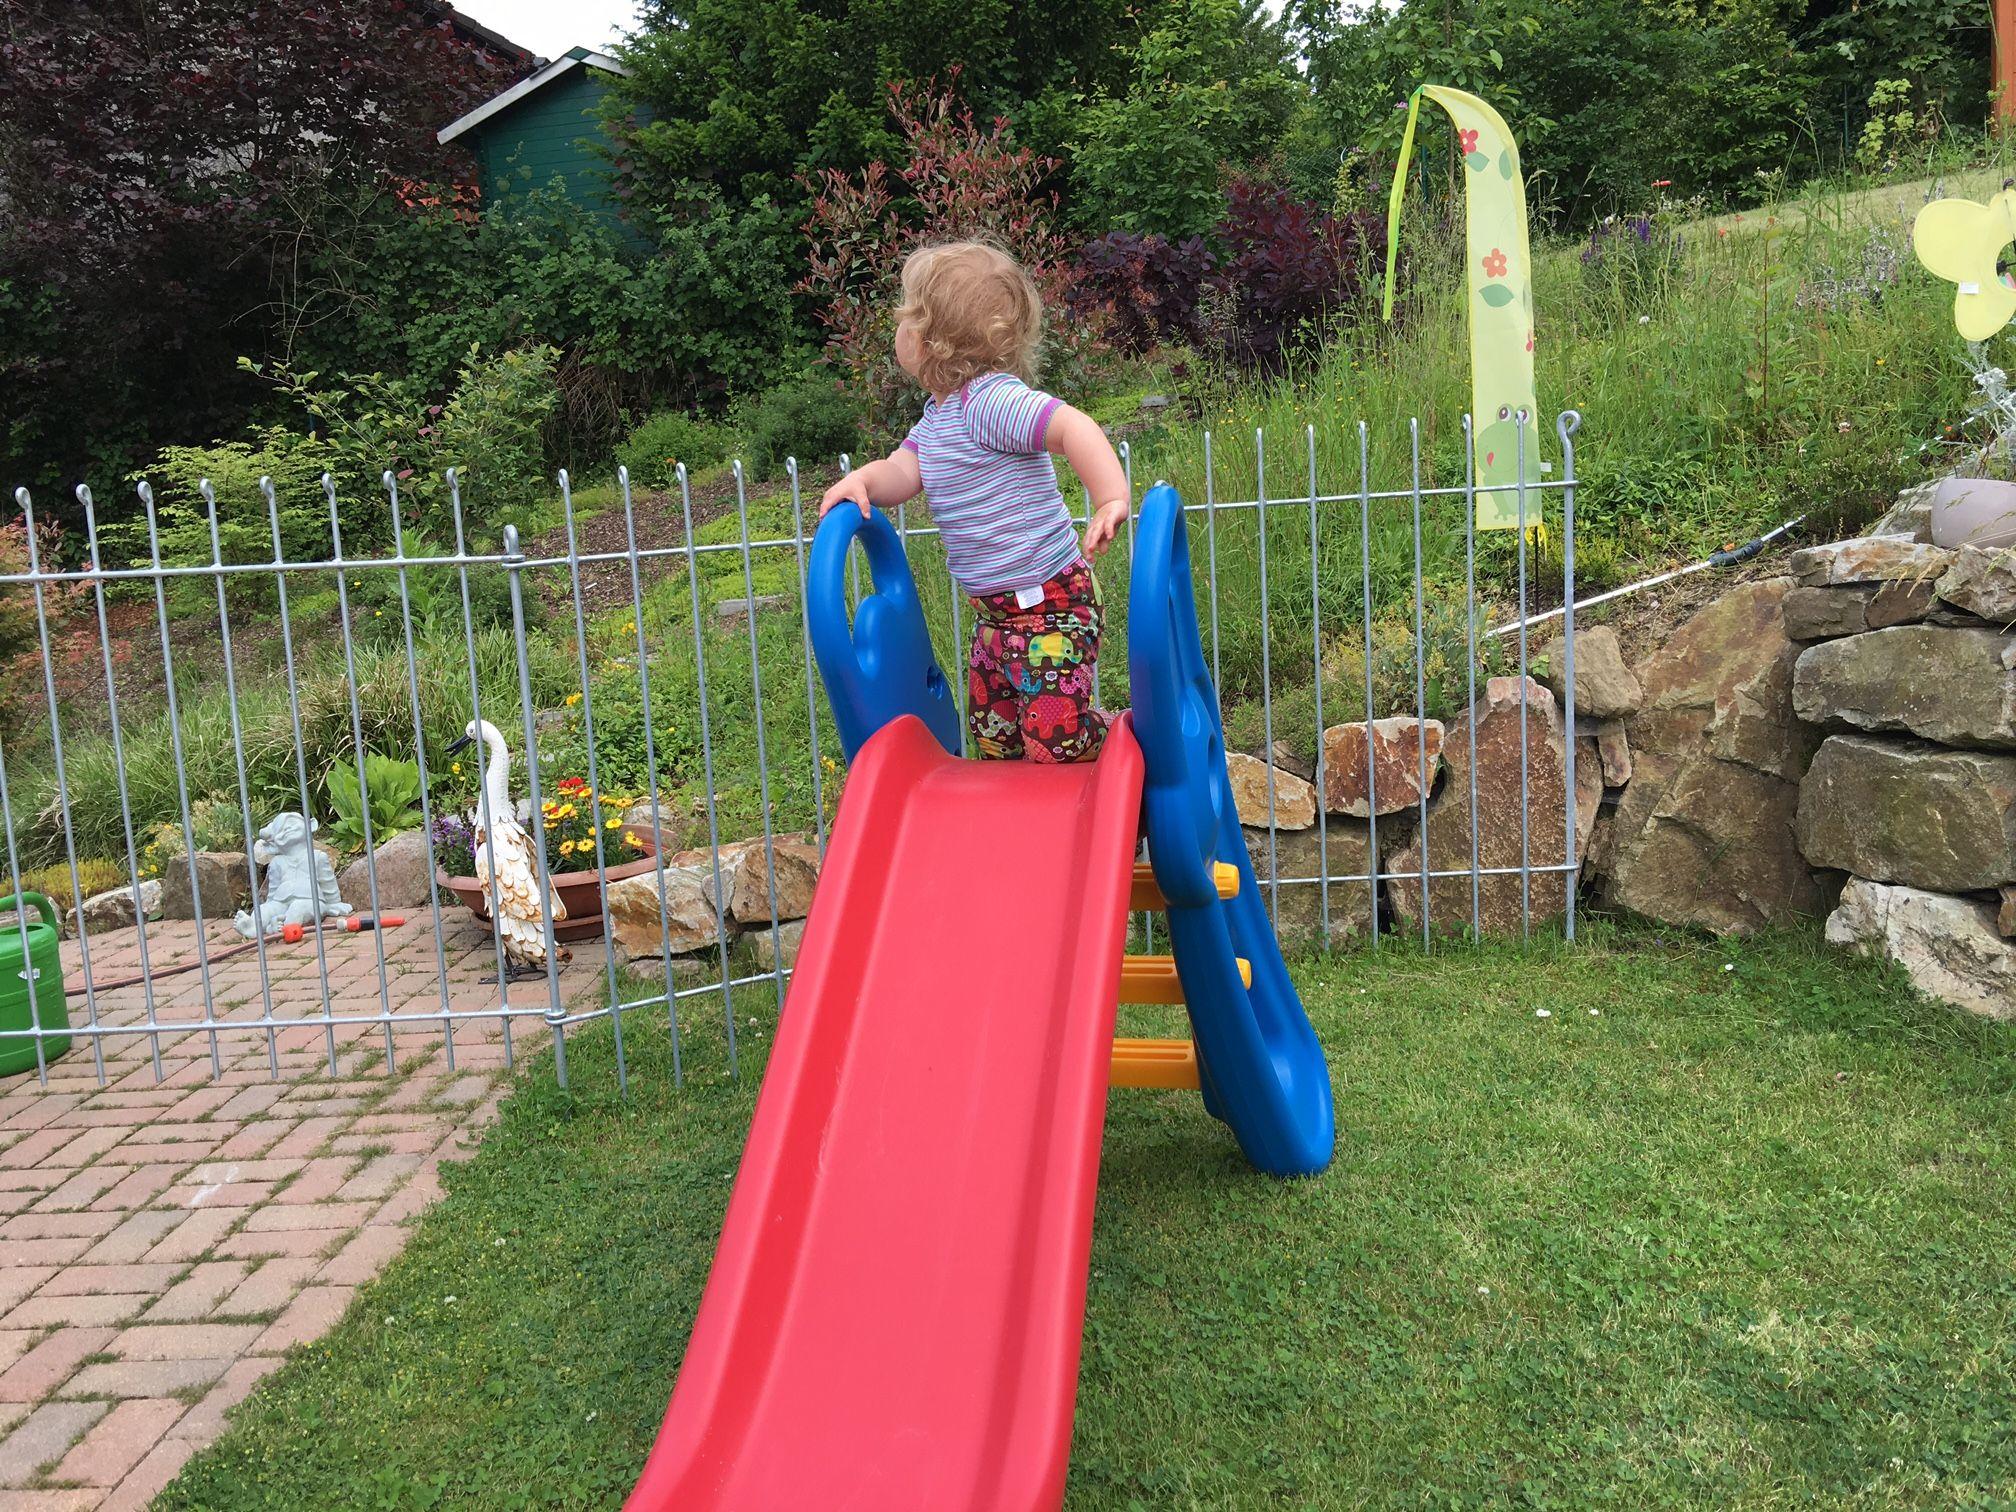 vielen Dank für die rasche Nachlieferung! Unser Zaun ist zwischenzeitlich installiert- siehe beigefügte Fotos. Somit ist unser Garten nun sicherer geworden für unsere kleine Tochter. Viele Grüße aus Boppard  Christoph T.